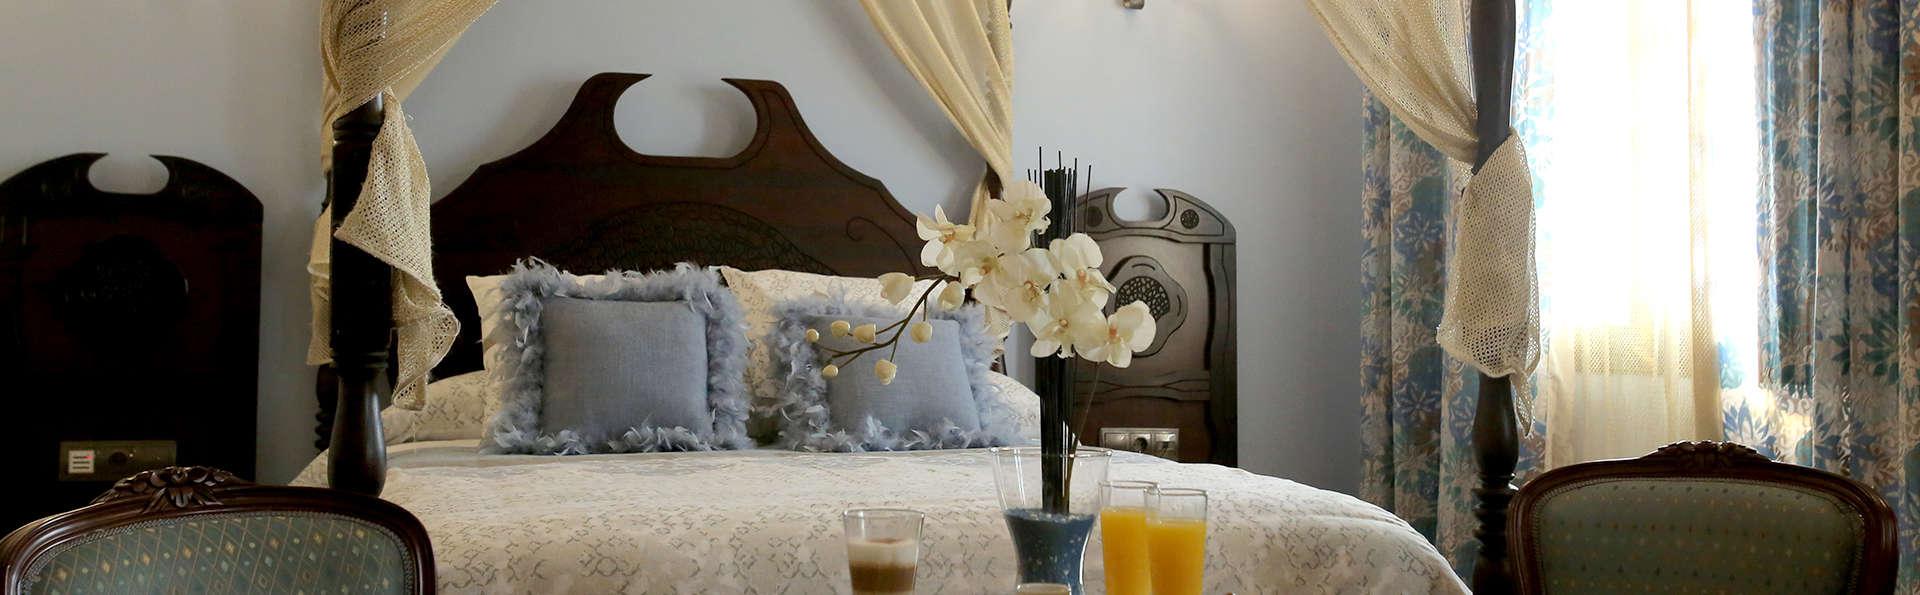 Top Romántica: Suite con jacuzzi, Gin tonic, Decoración Romántica y lujo en un Castillo